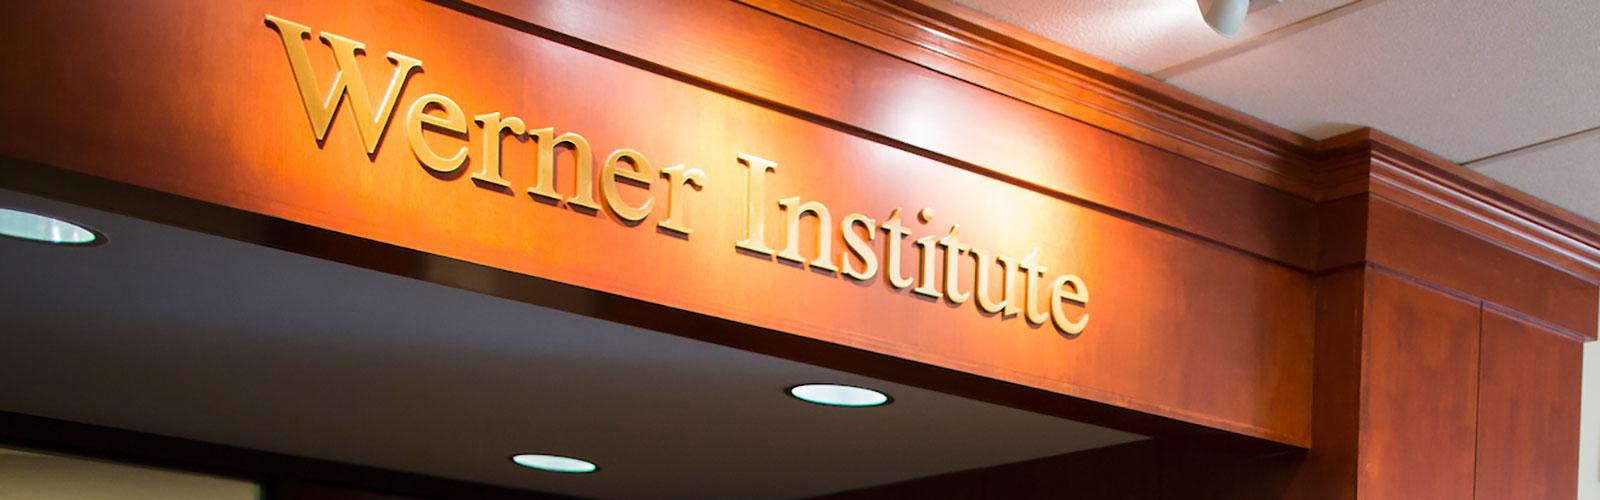 Werner Institute